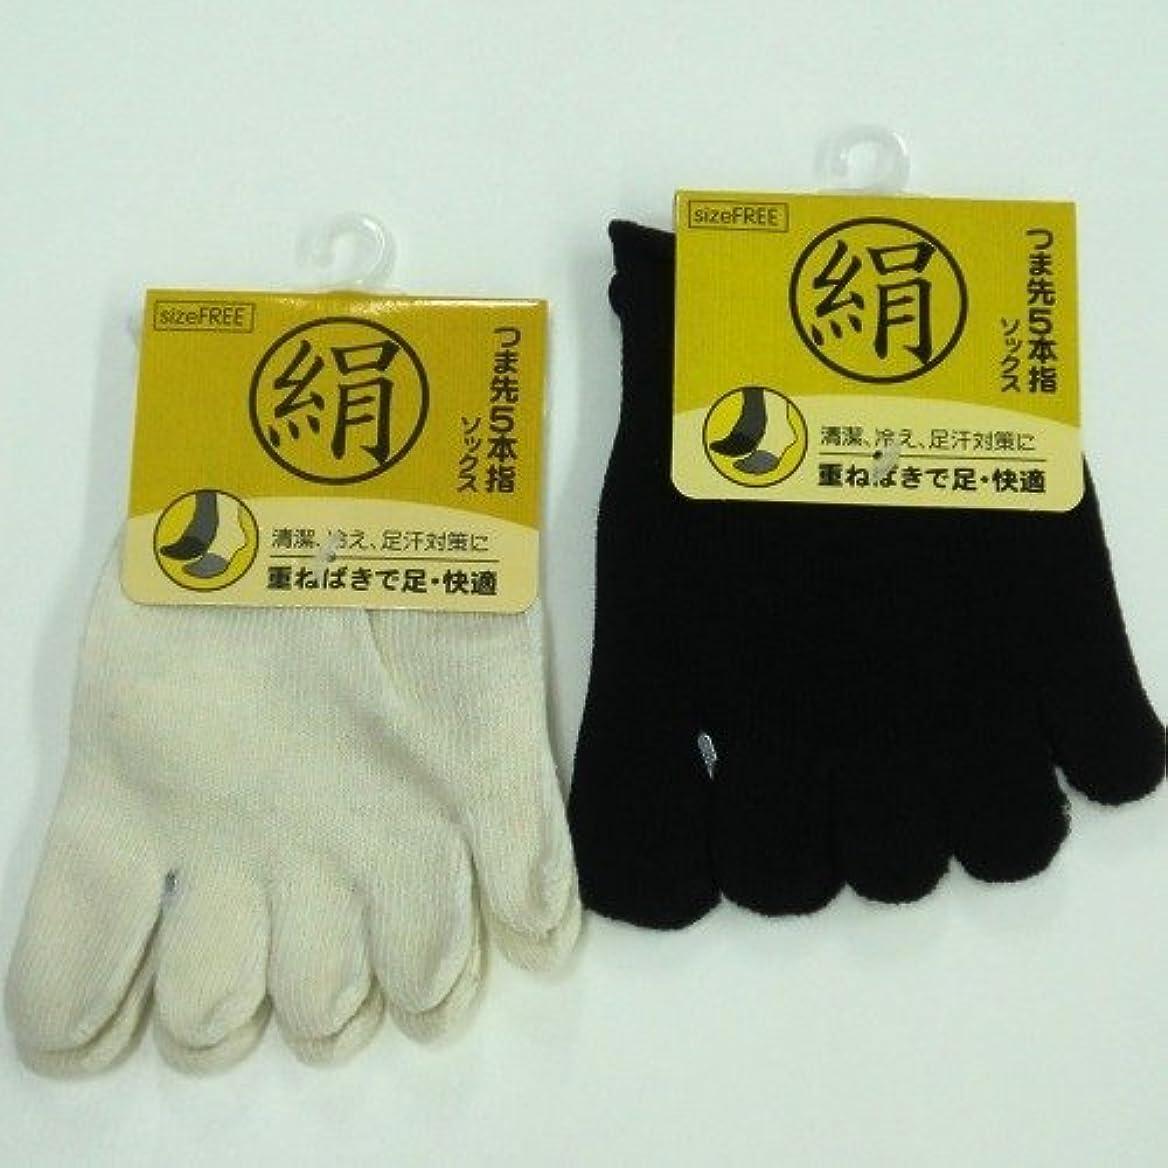 精緻化鷹熟したシルク 5本指ハーフソックス 足指カバー 天然素材絹で抗菌防臭 3足組 (色はお任せ)